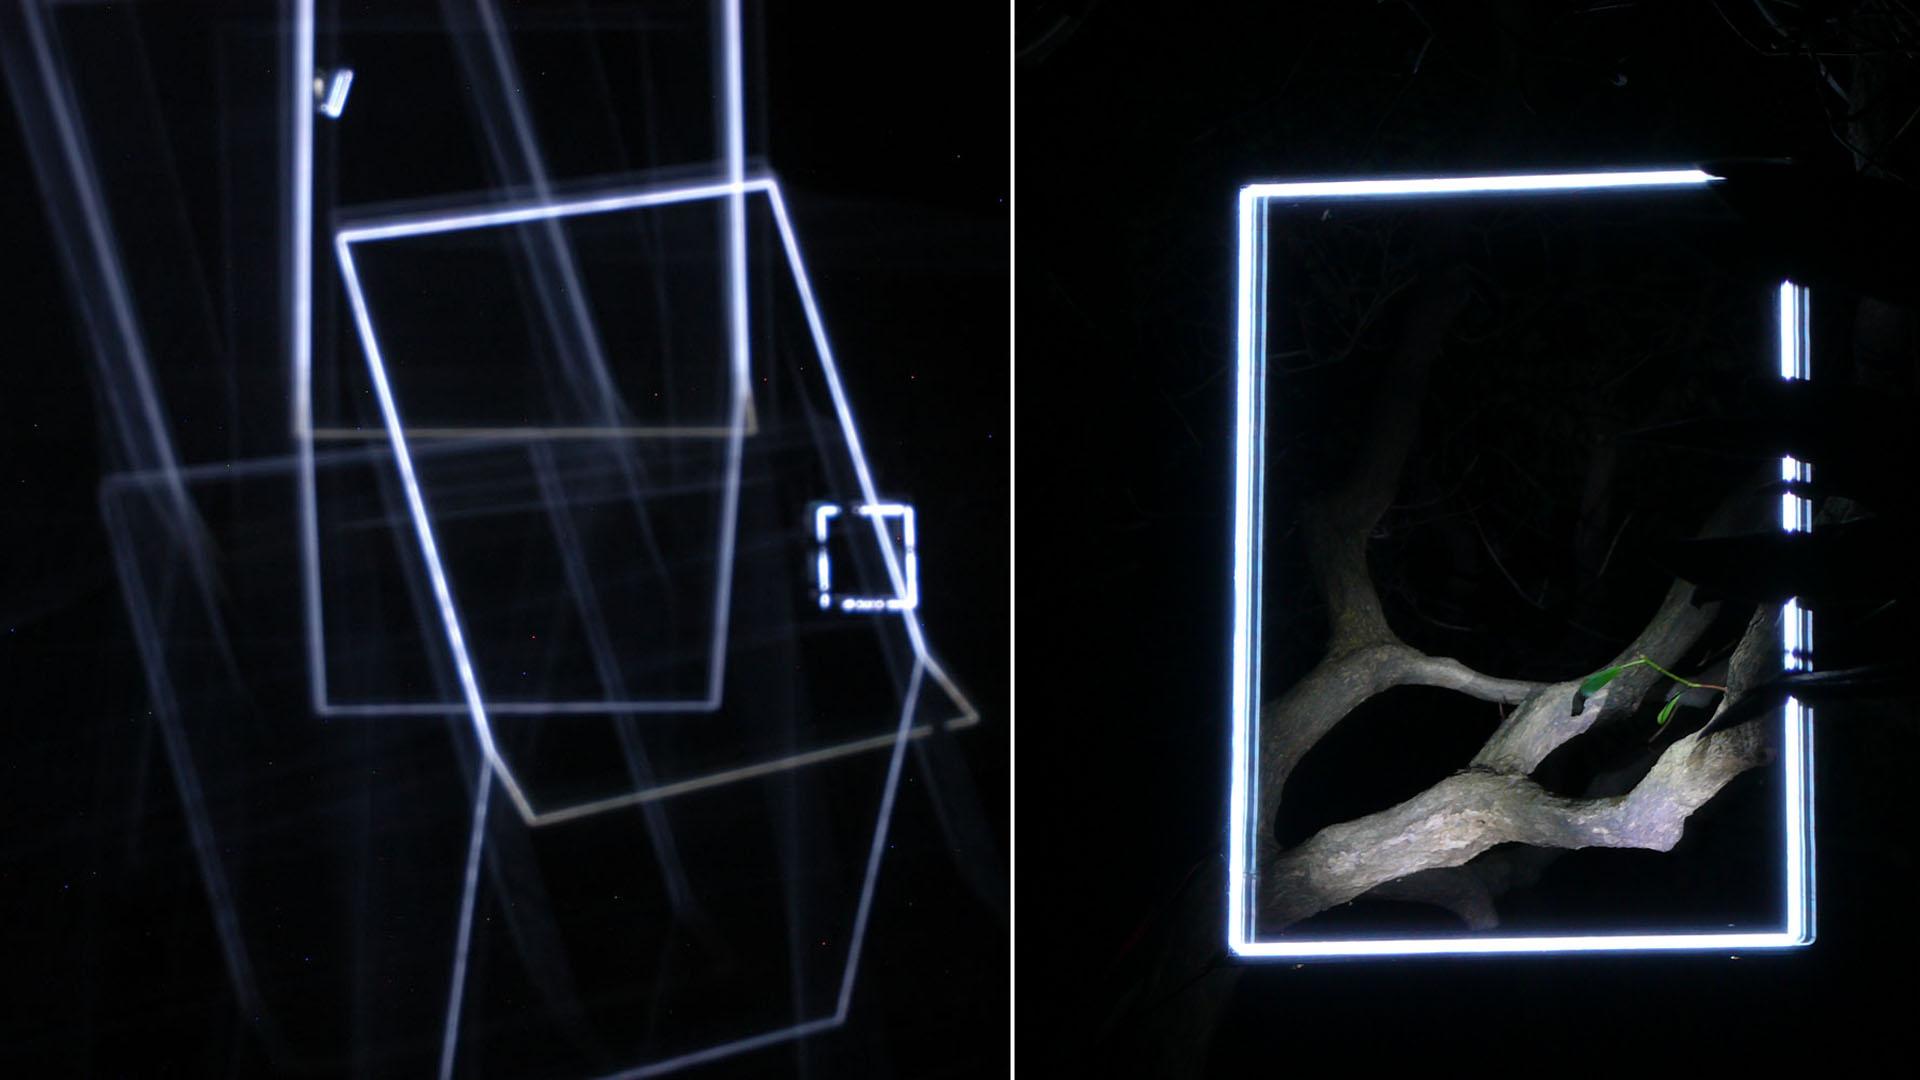 MAASS-Lichtplanung_Lichtkunst<br> Wanderausstellung__MAASS-Gallery-Without-Images-002